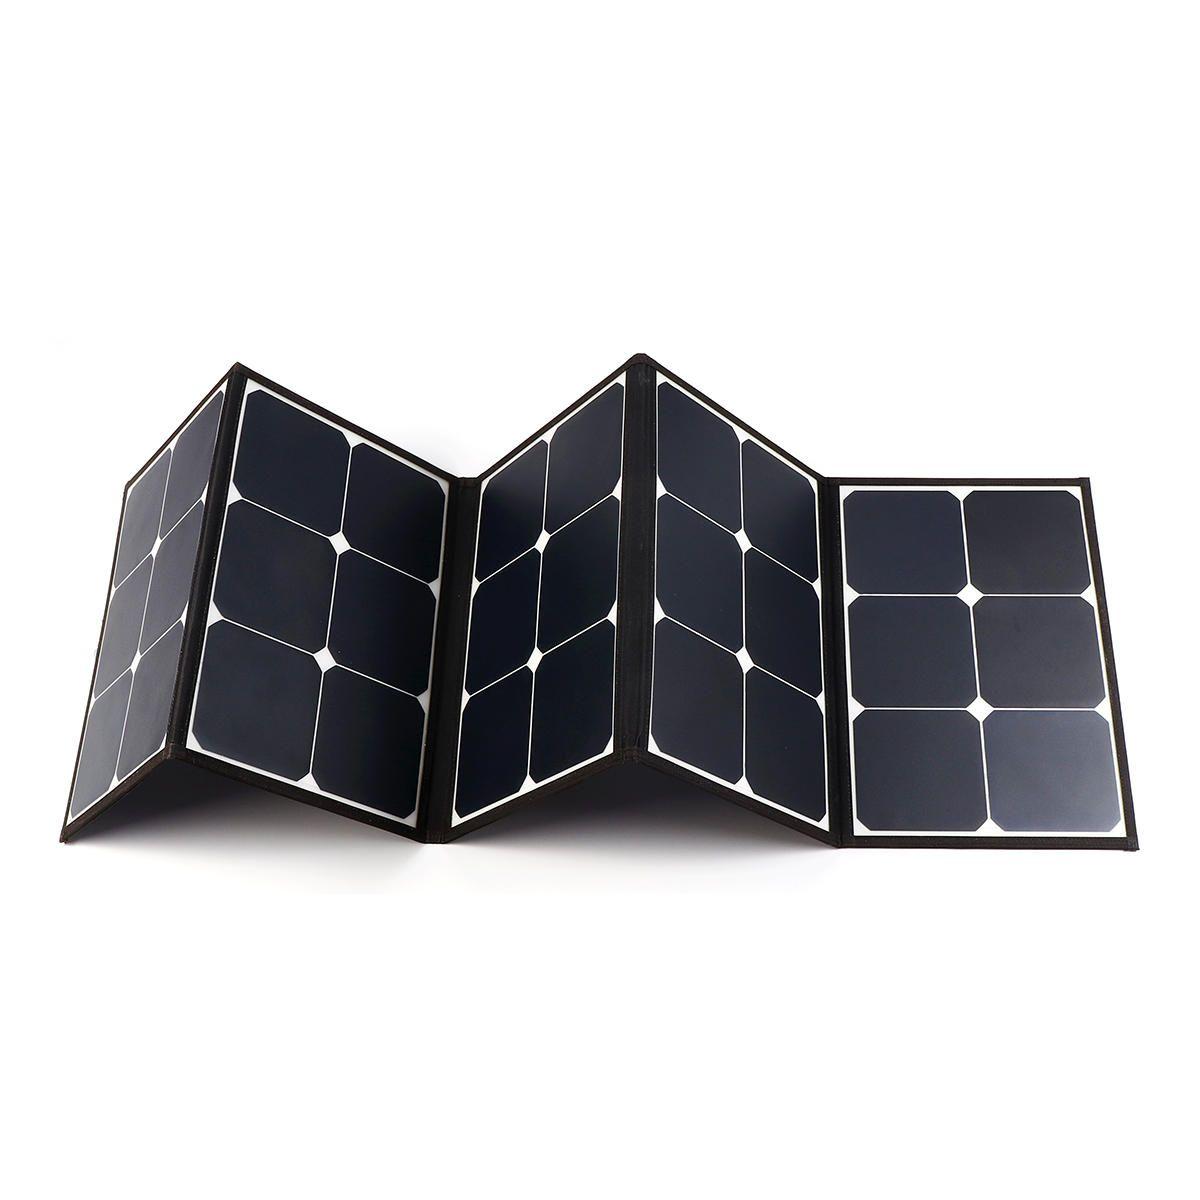 Sunpower Solar Folding Bag With laptop Connector 10PCS DC Charging Line 1PCS Car charger 1PCS Battery Clip 1PCS 6 Carabiner